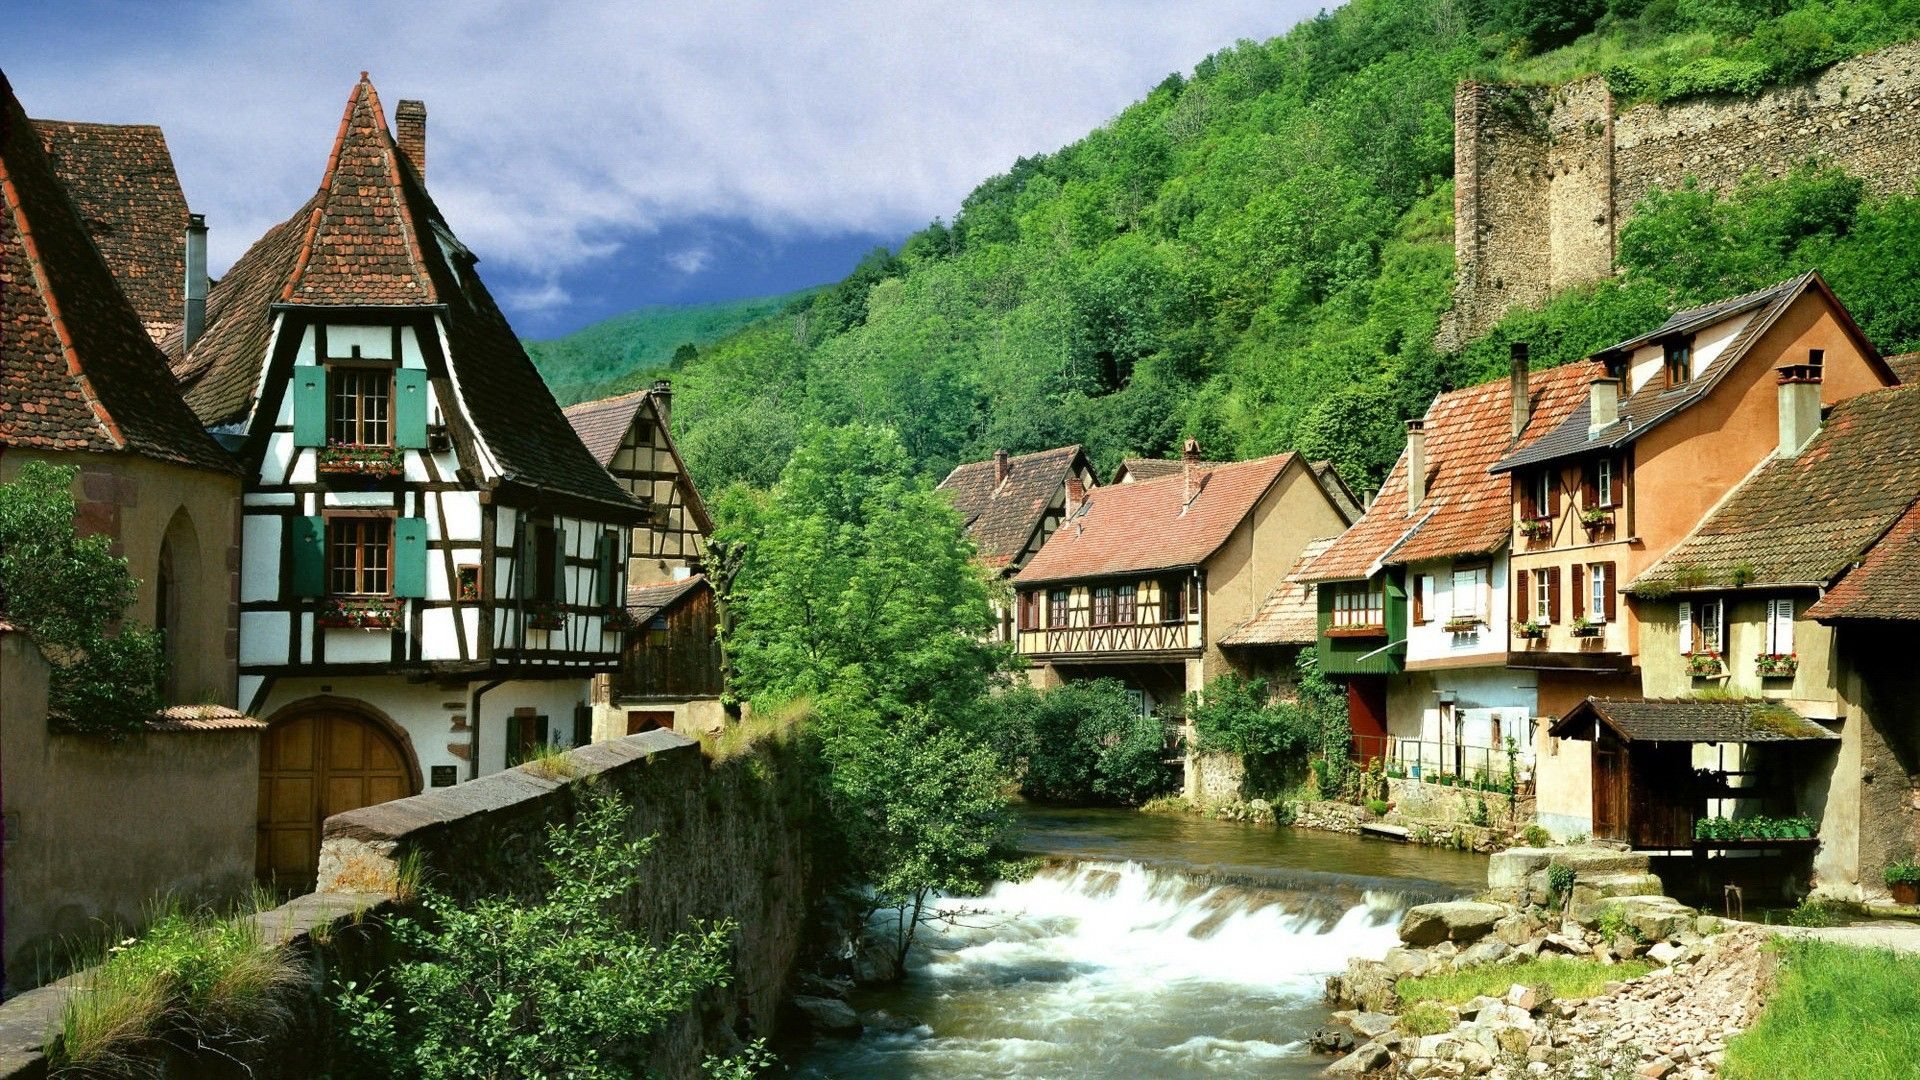 France Landscape | France landscapes nature villages wallpaper ...